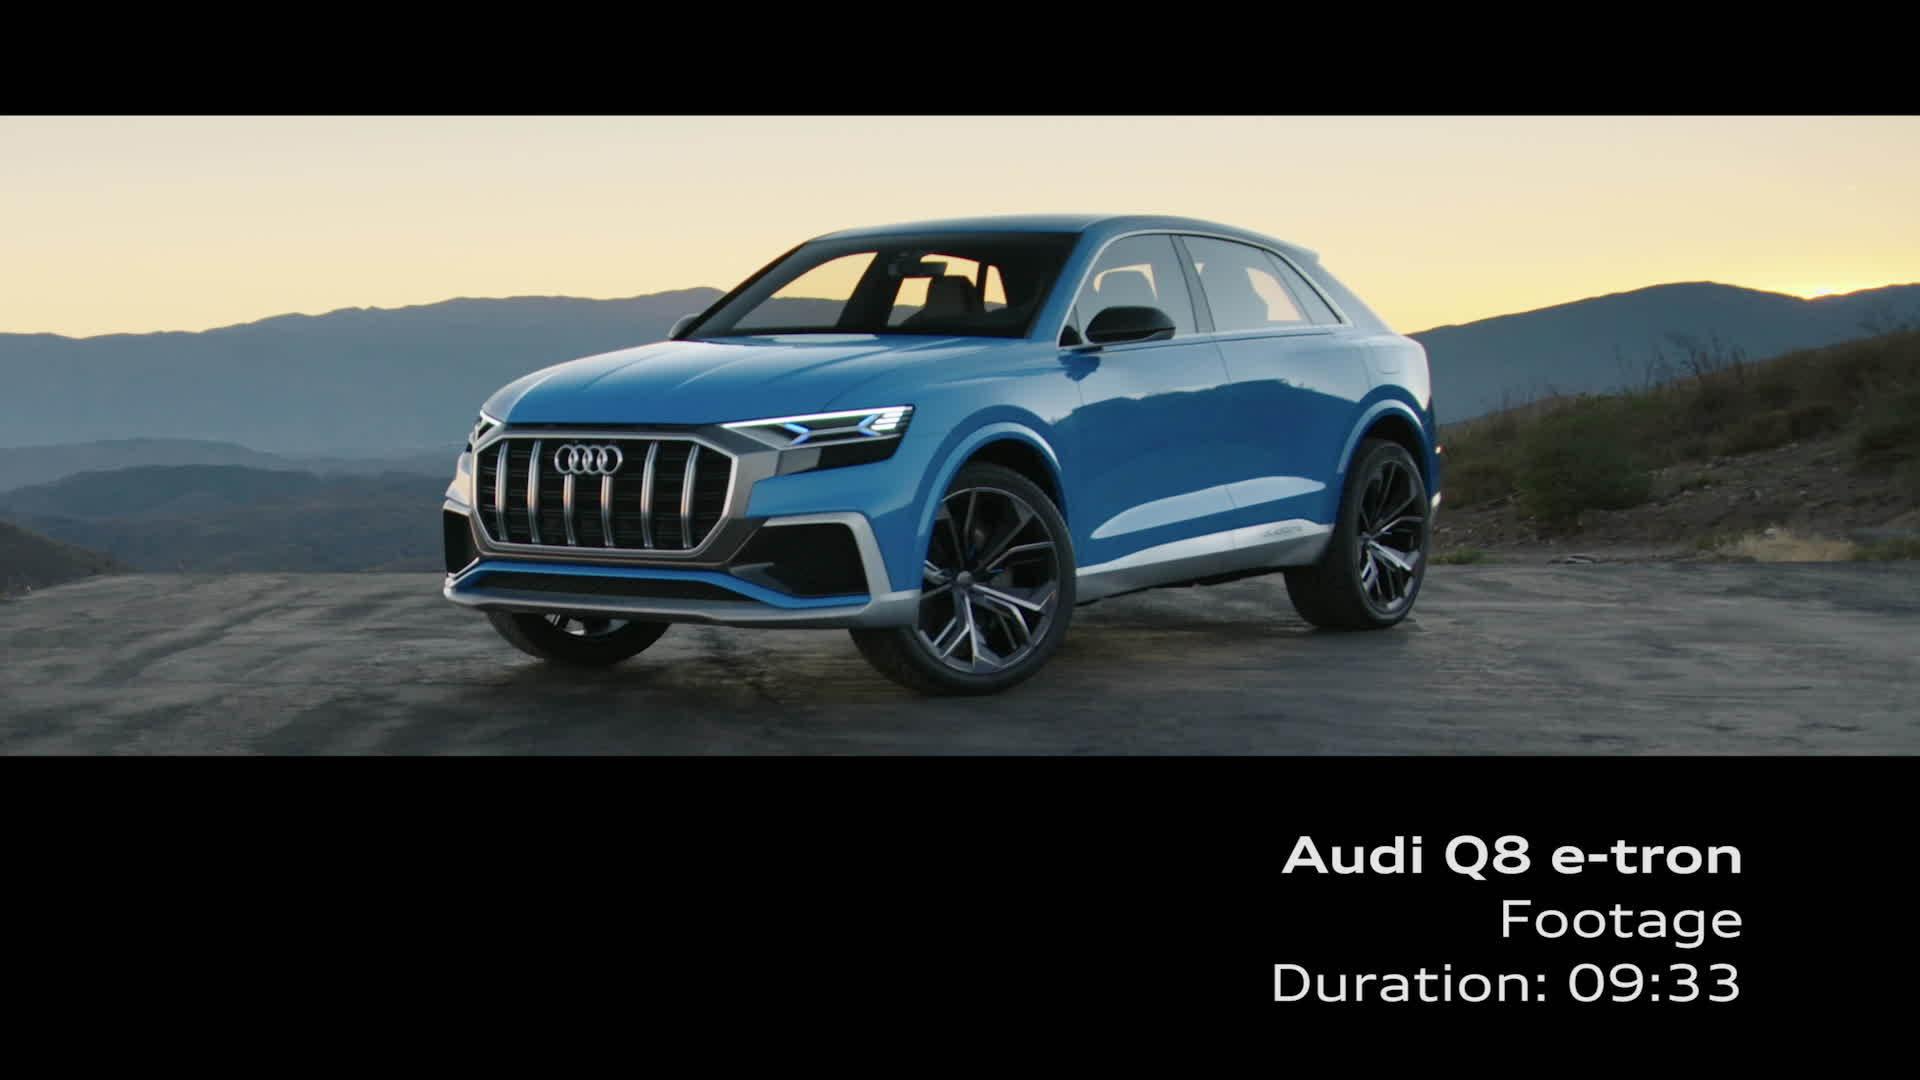 Audi Q8 concept - Footage